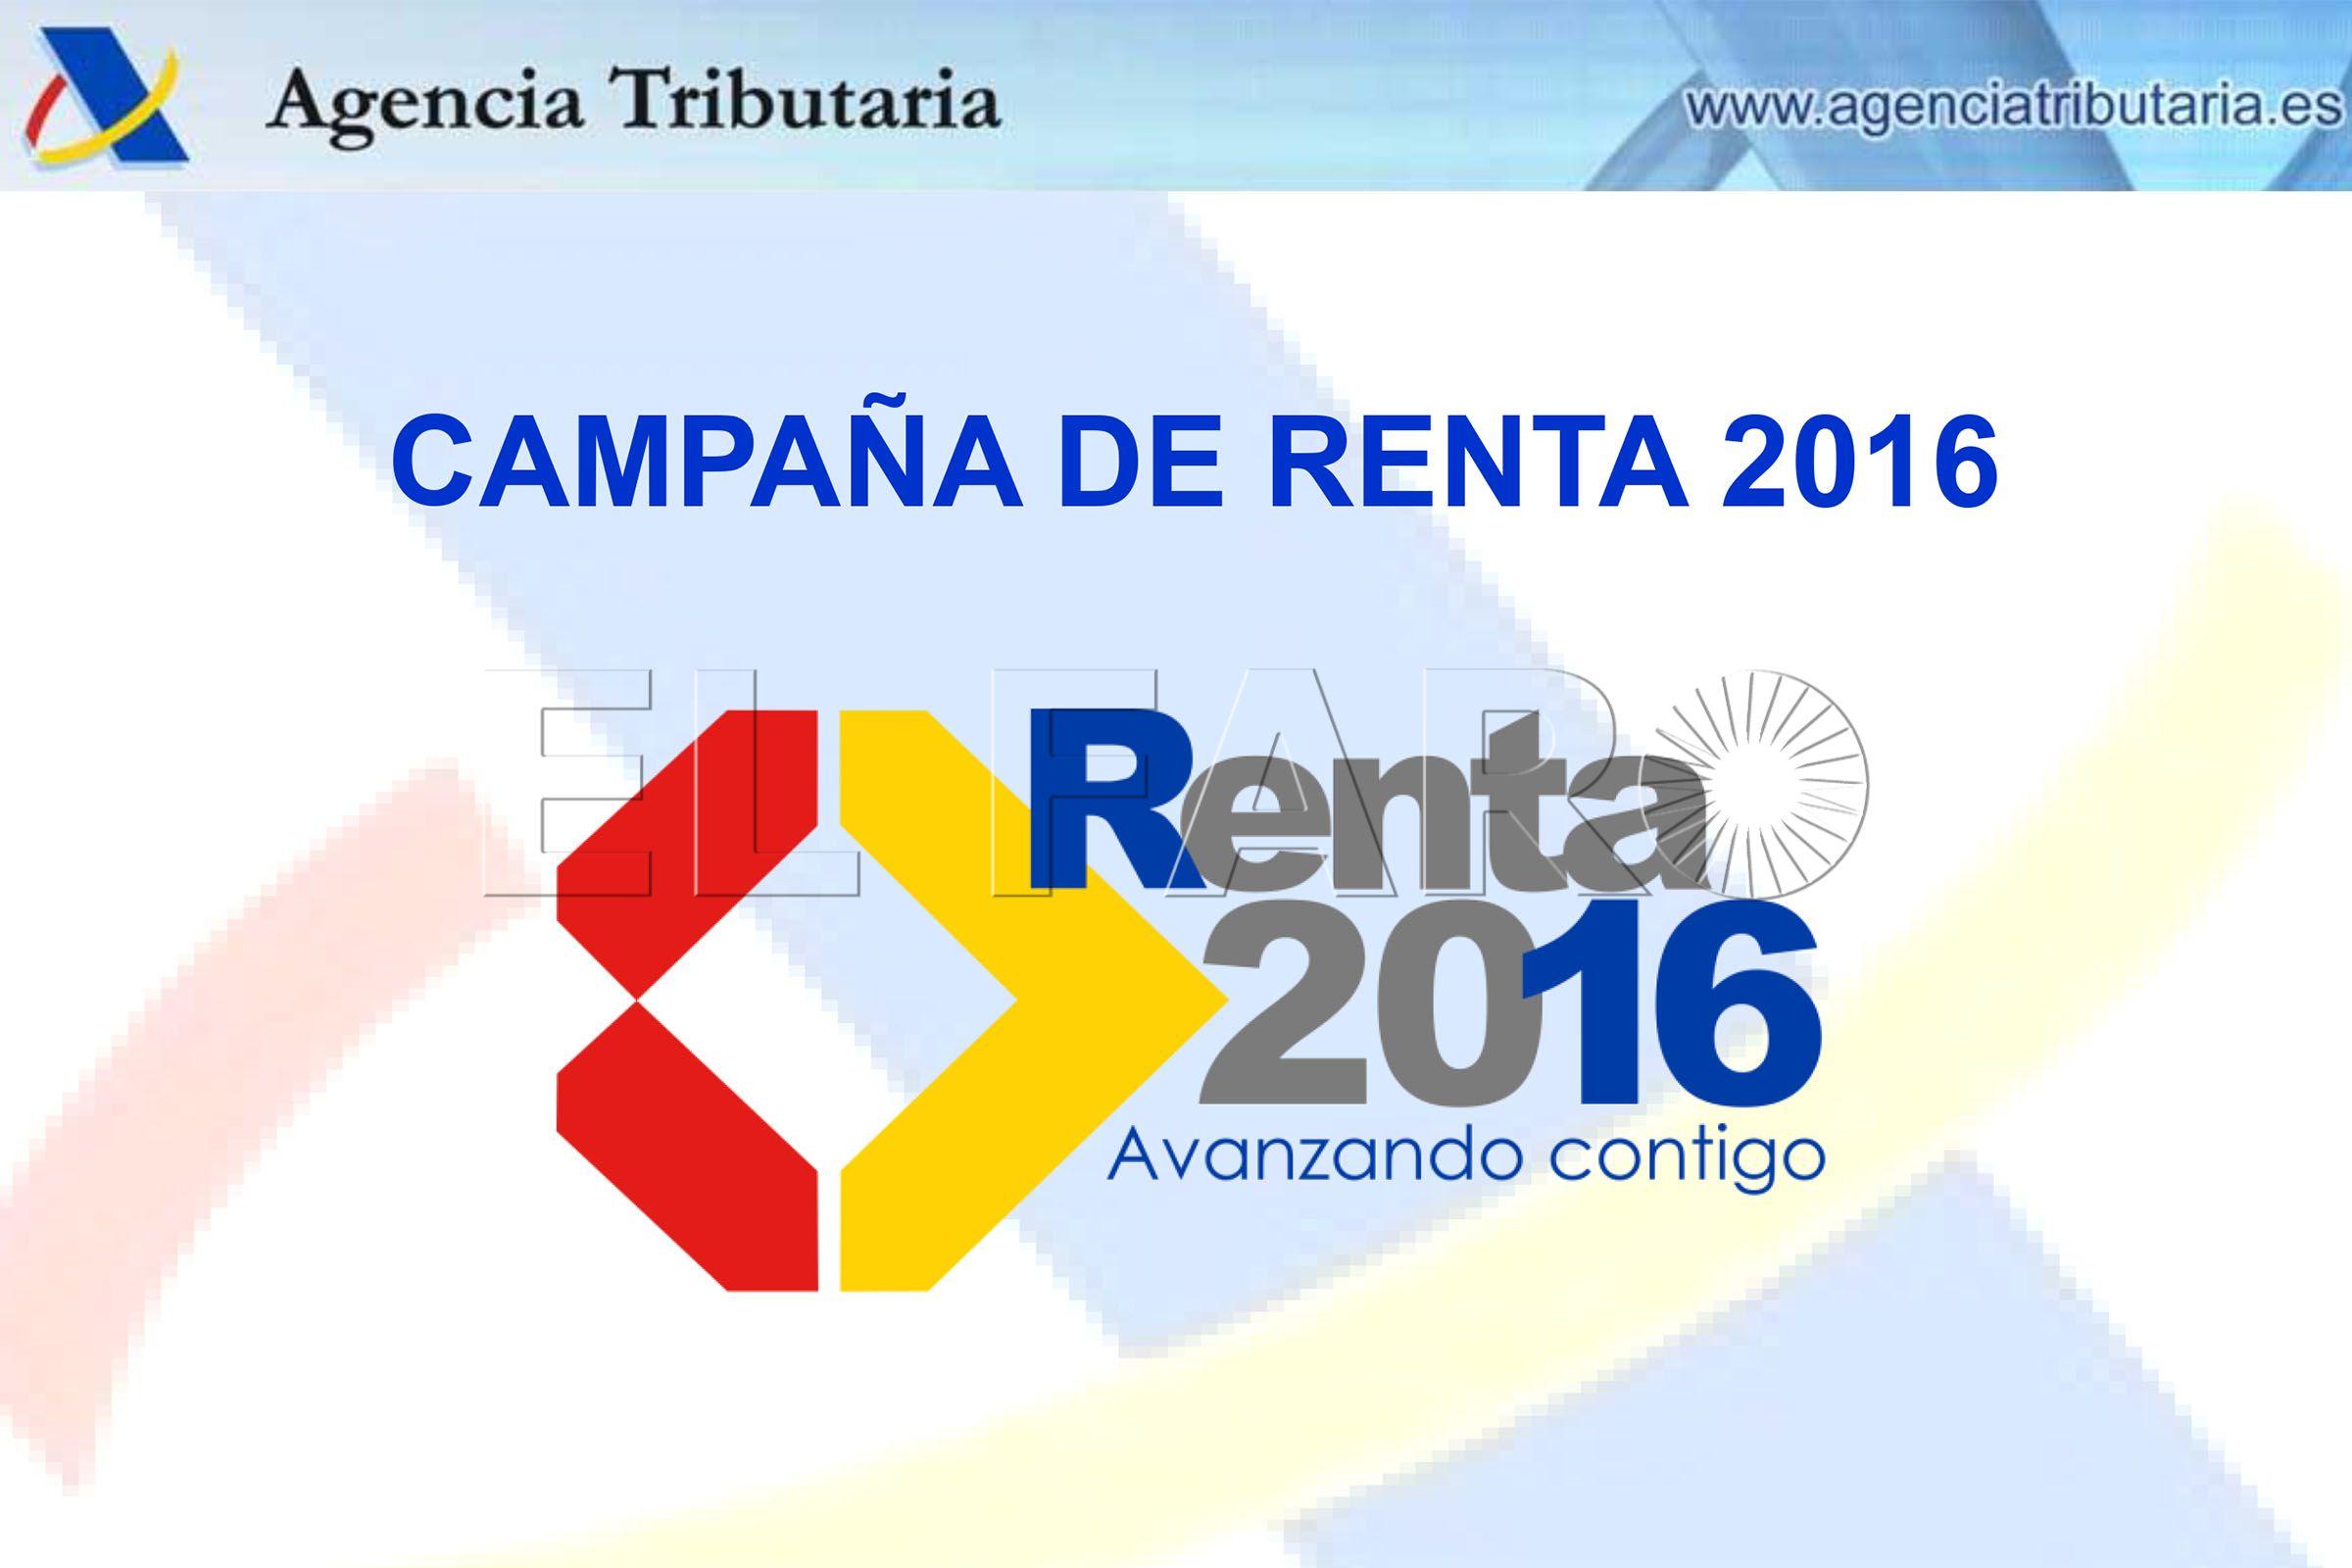 Vencimientos Declaraciones De Renta 2016 | vencimiento